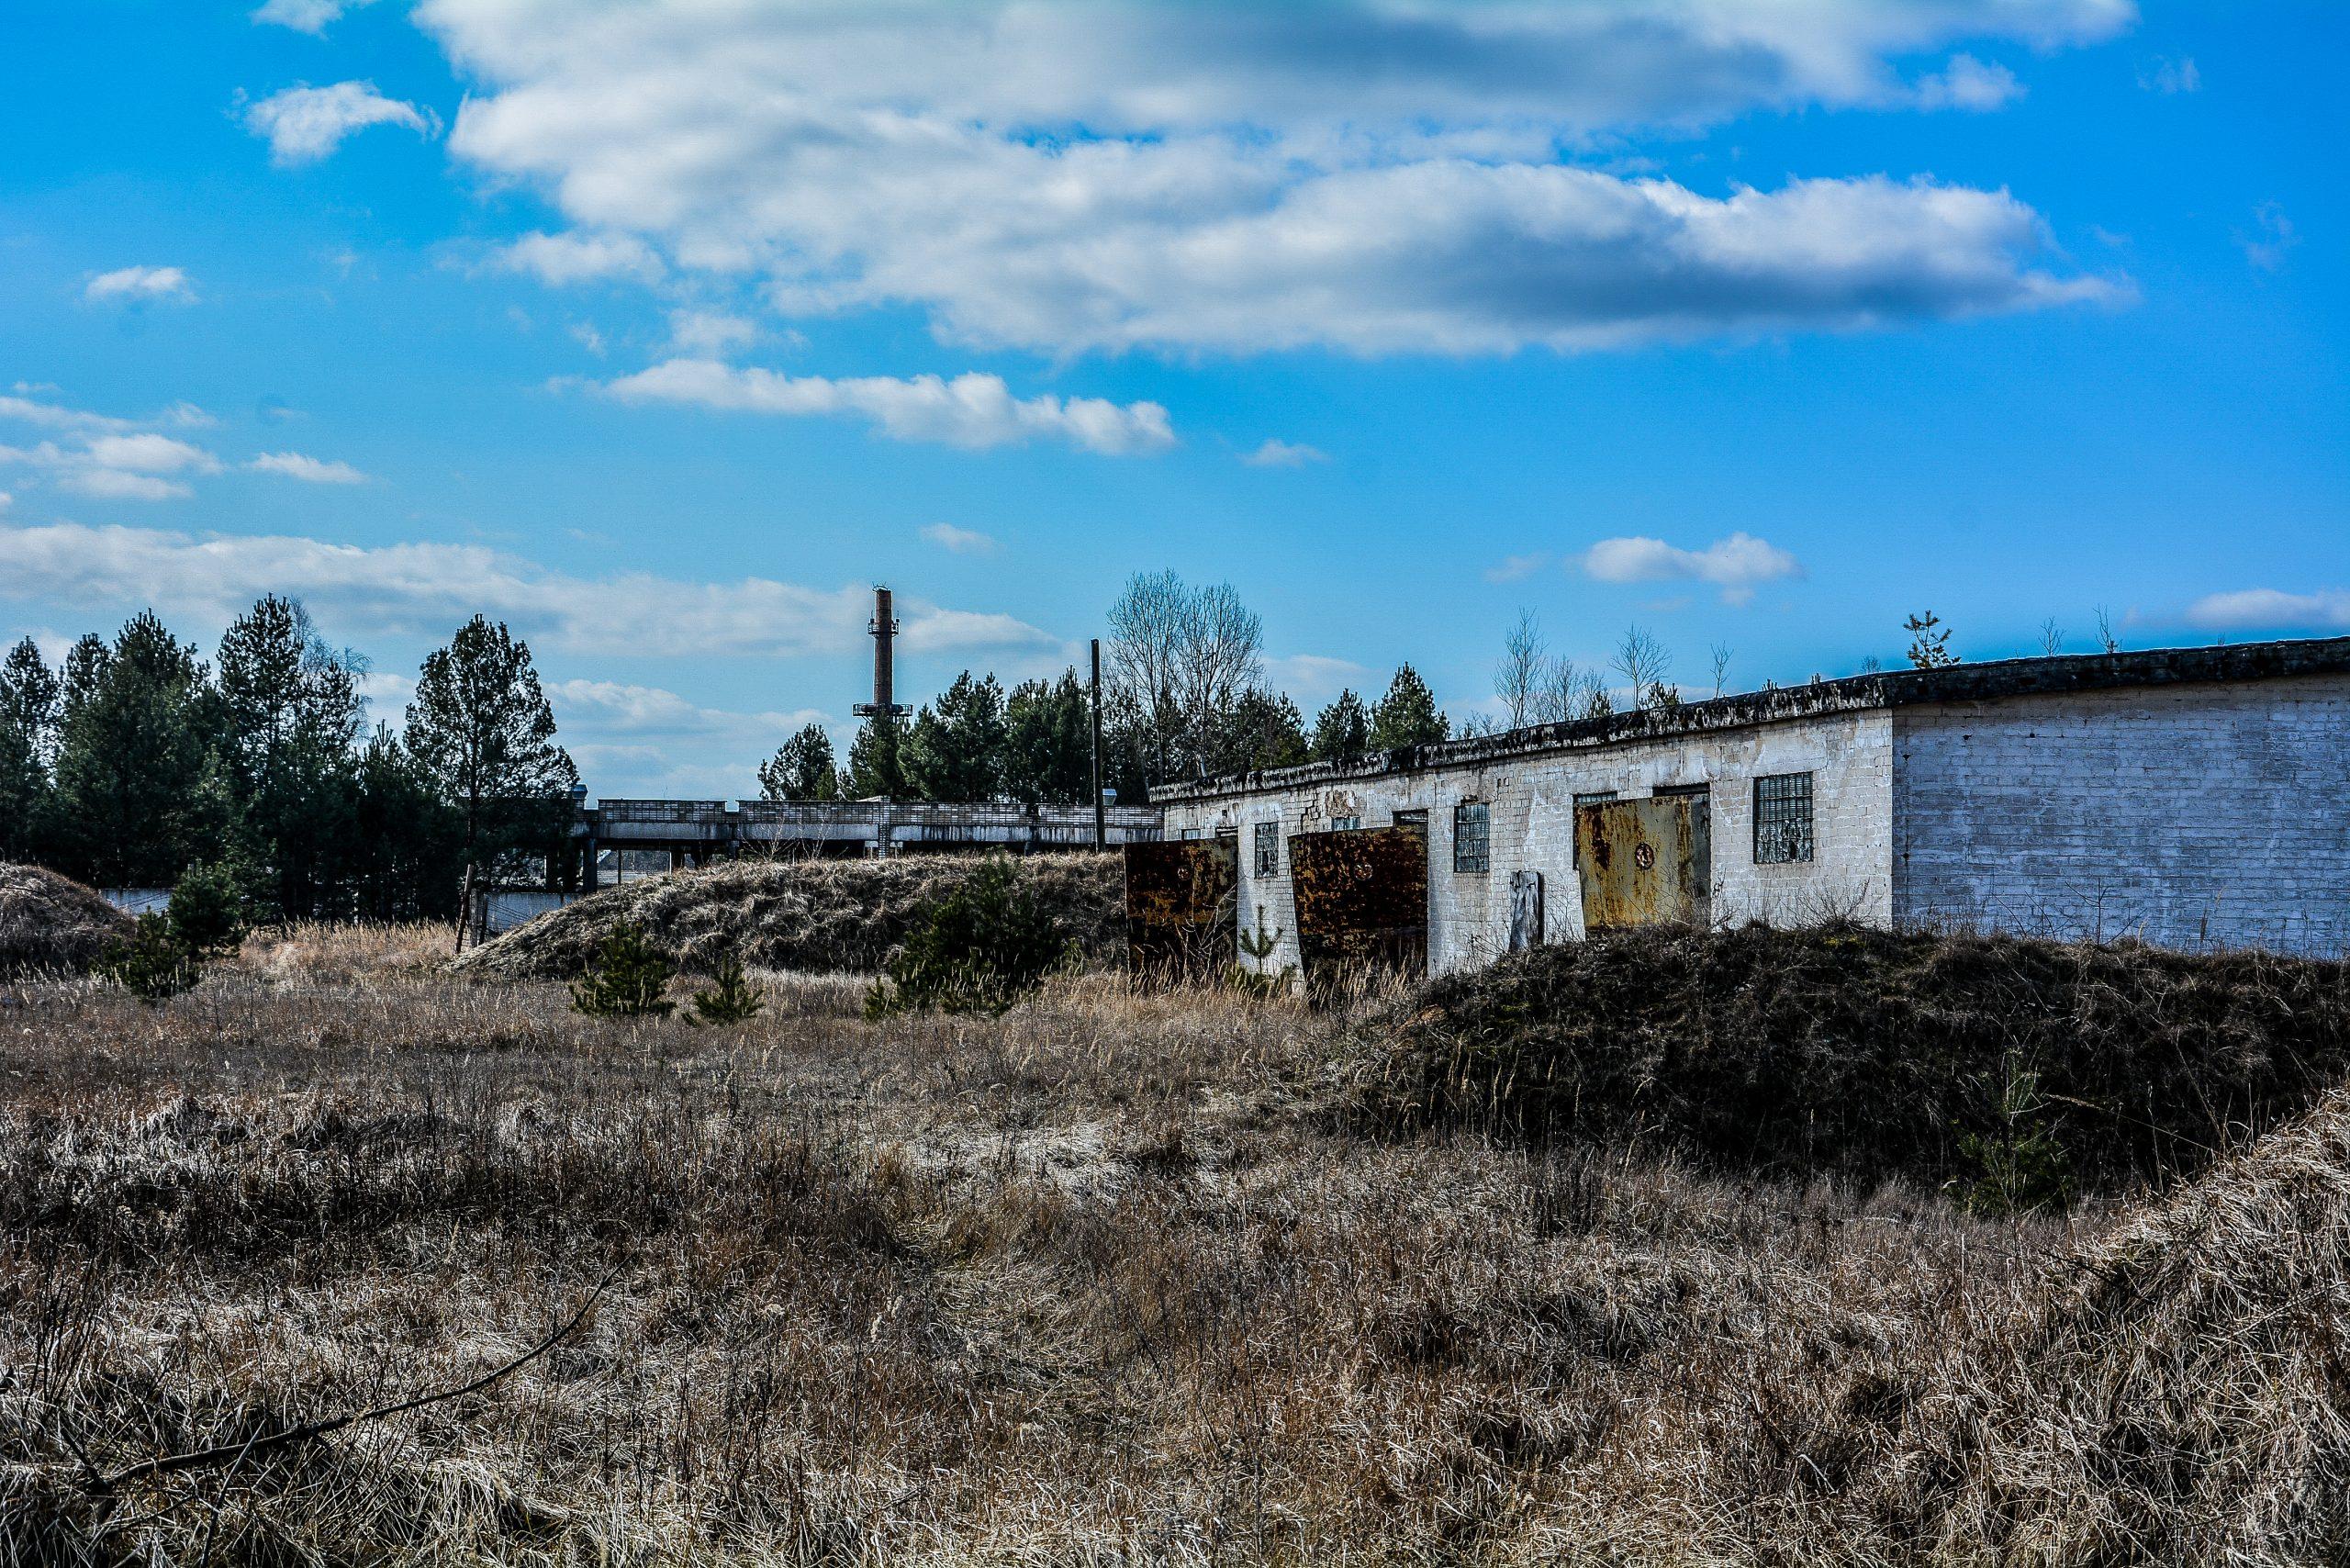 soviet garage buildings forst zinna adolf hitler lager luckenwalde juterbog sowjet kaserne soviet military barracks germany lost places urbex abandoned